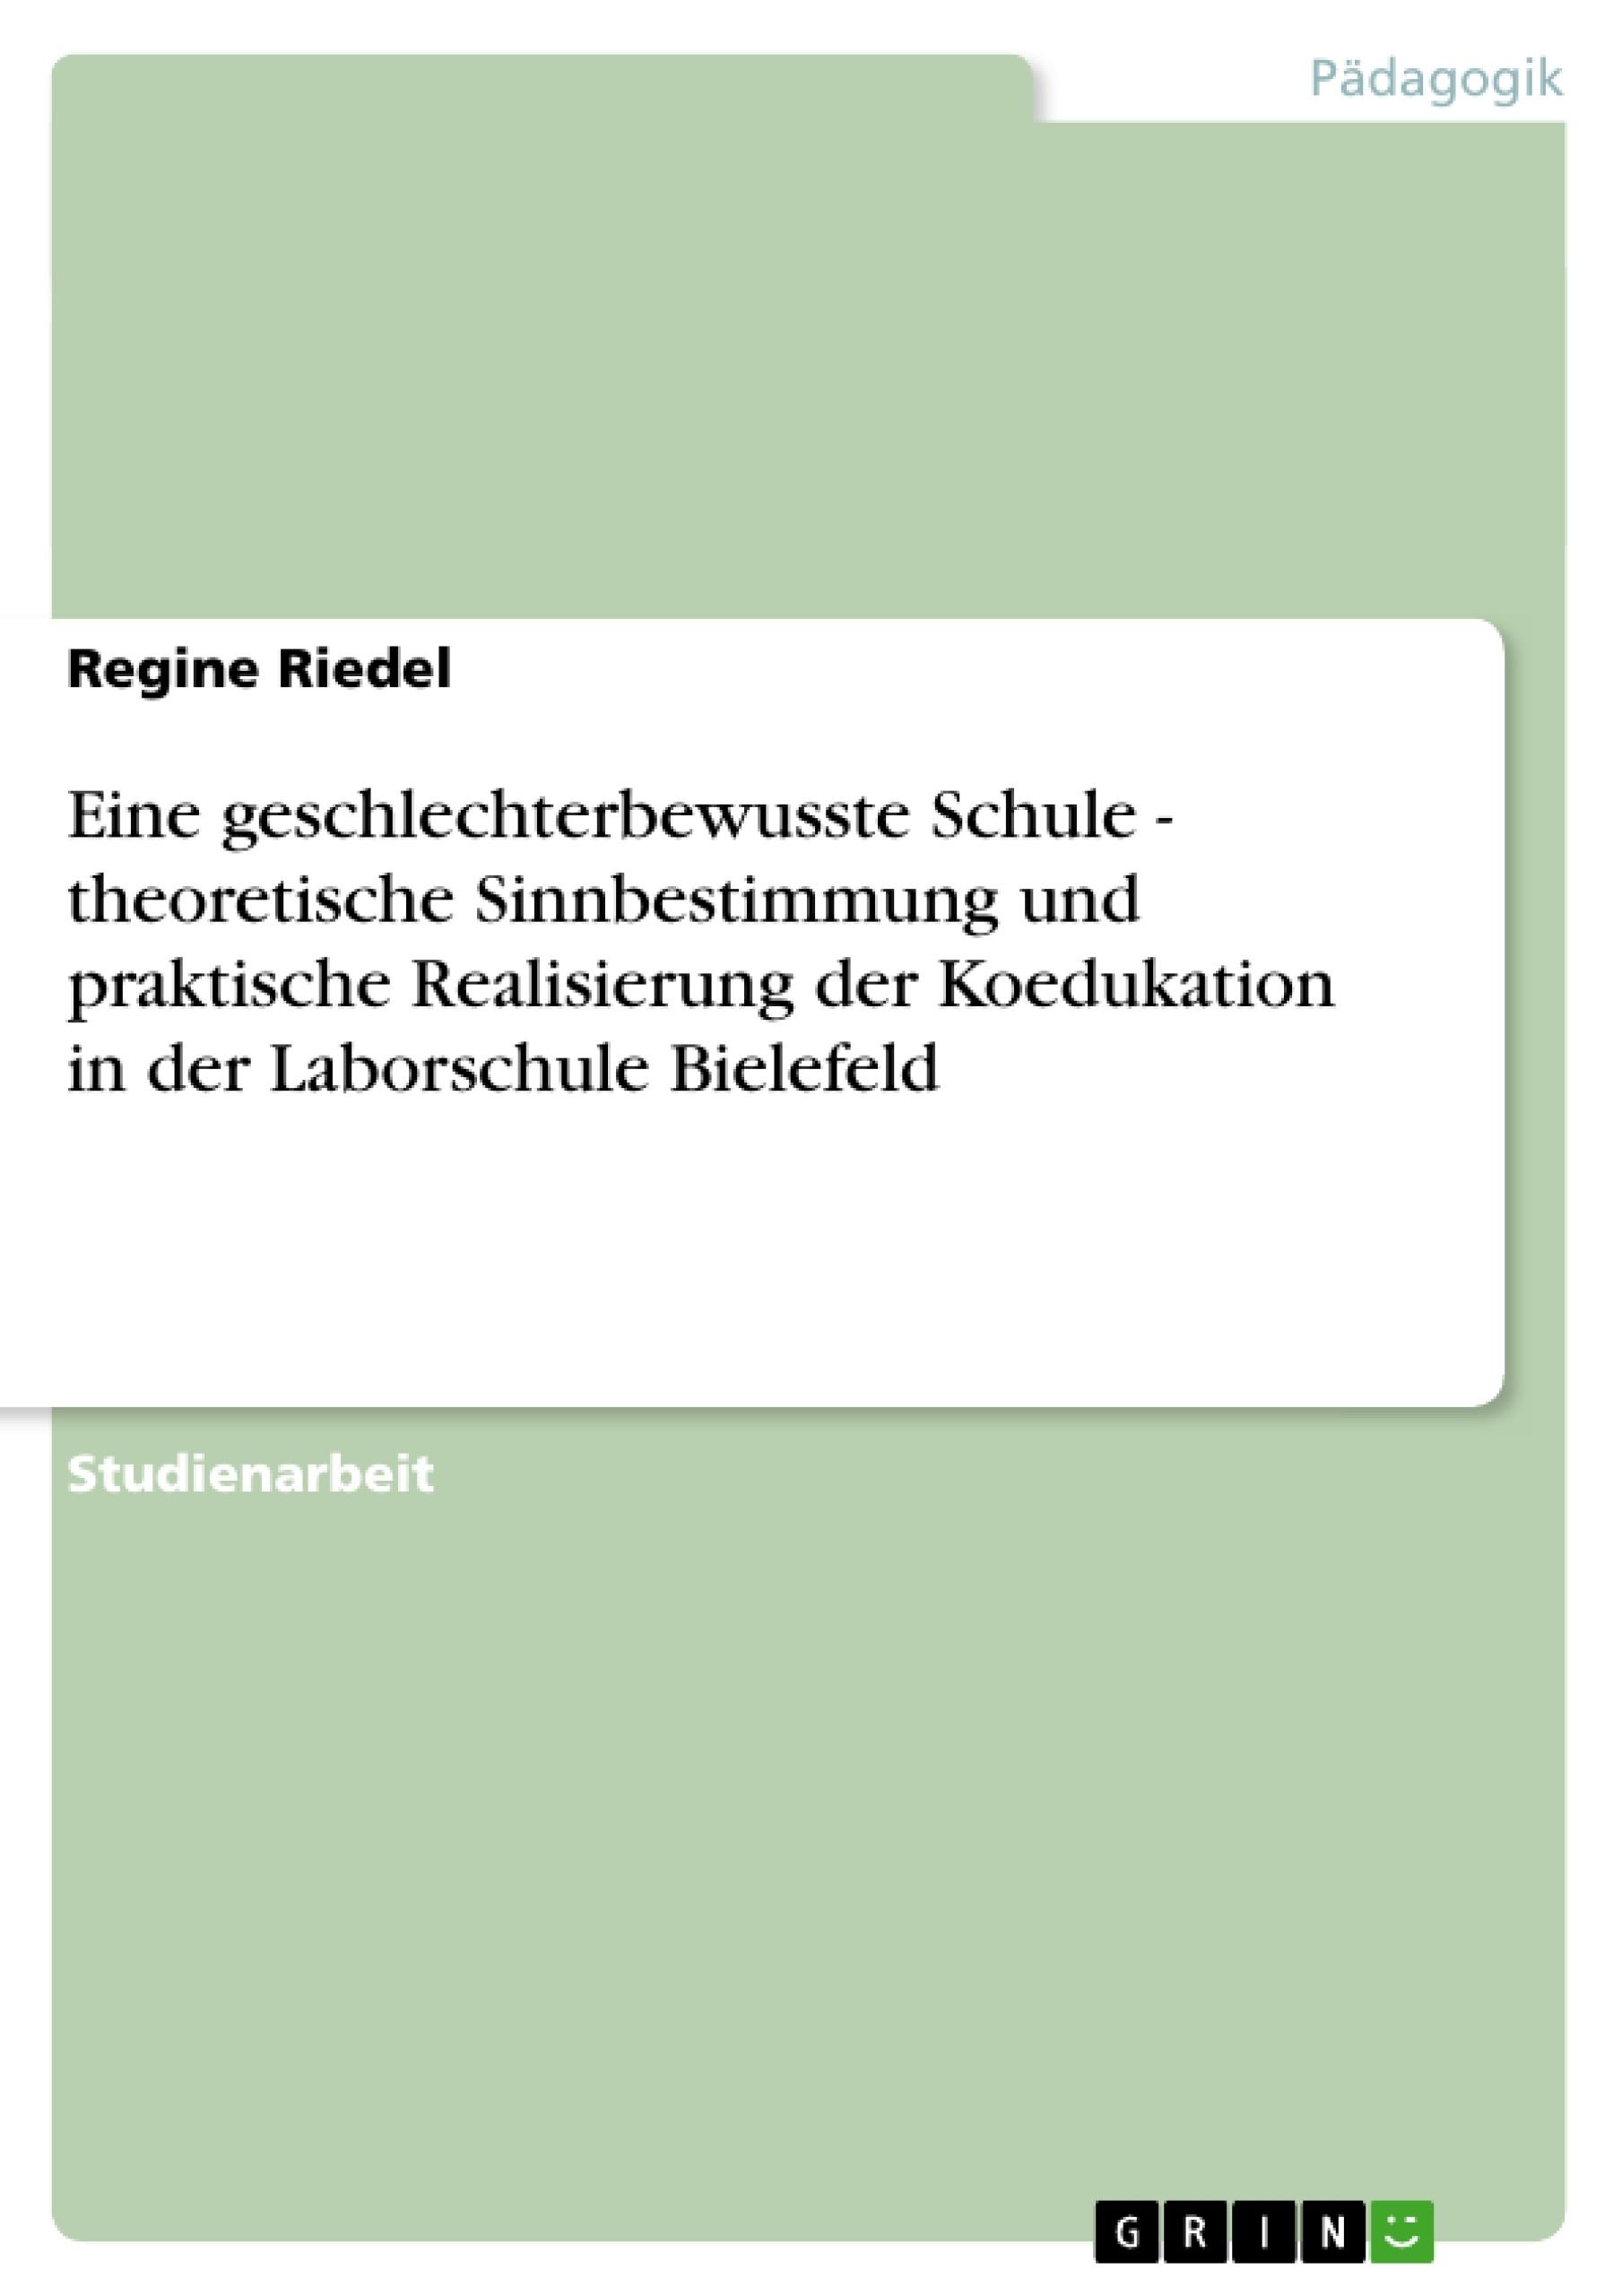 Titel: Eine geschlechterbewusste Schule - theoretische Sinnbestimmung und praktische Realisierung der Koedukation in der Laborschule Bielefeld